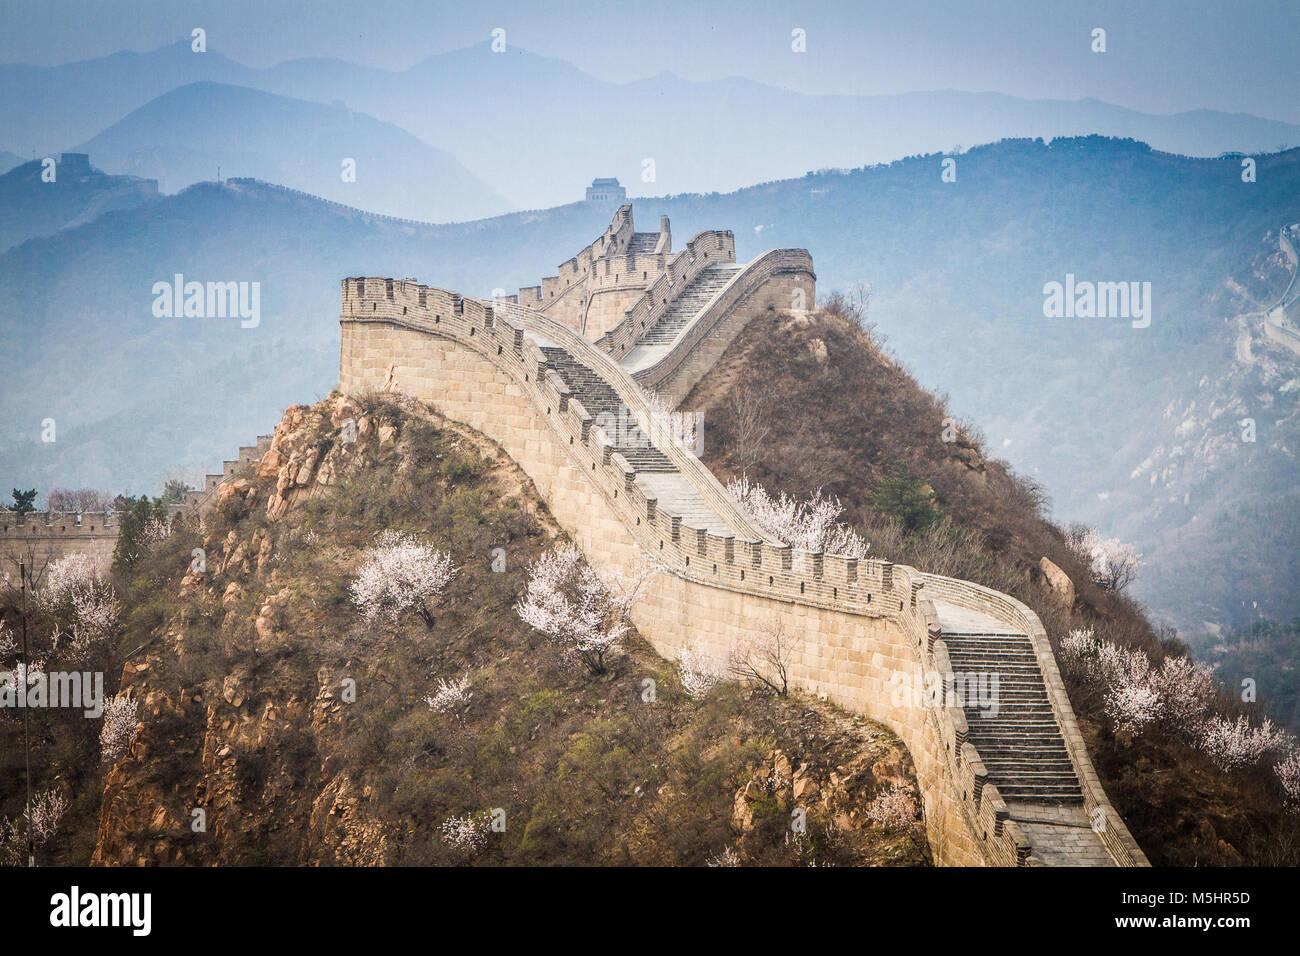 Die große Mauer von China, die Badaling Abschnitt Stockbild